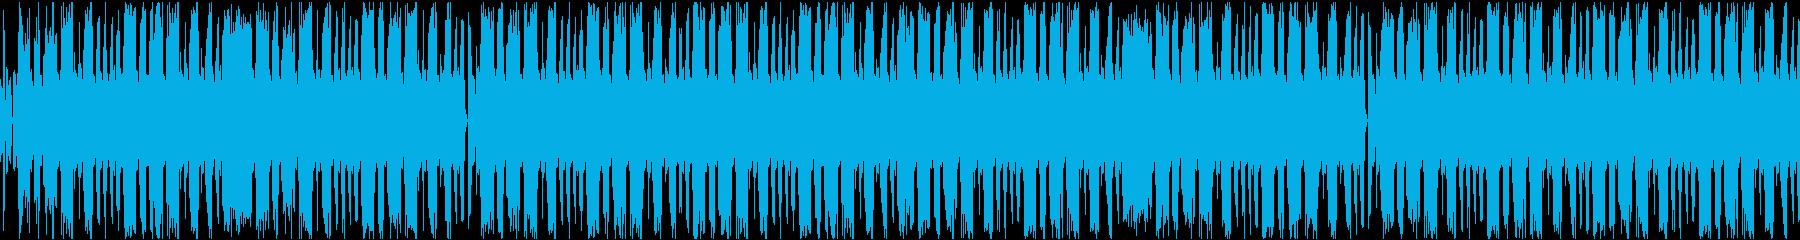 サイバーパンクなテクノBGMの再生済みの波形